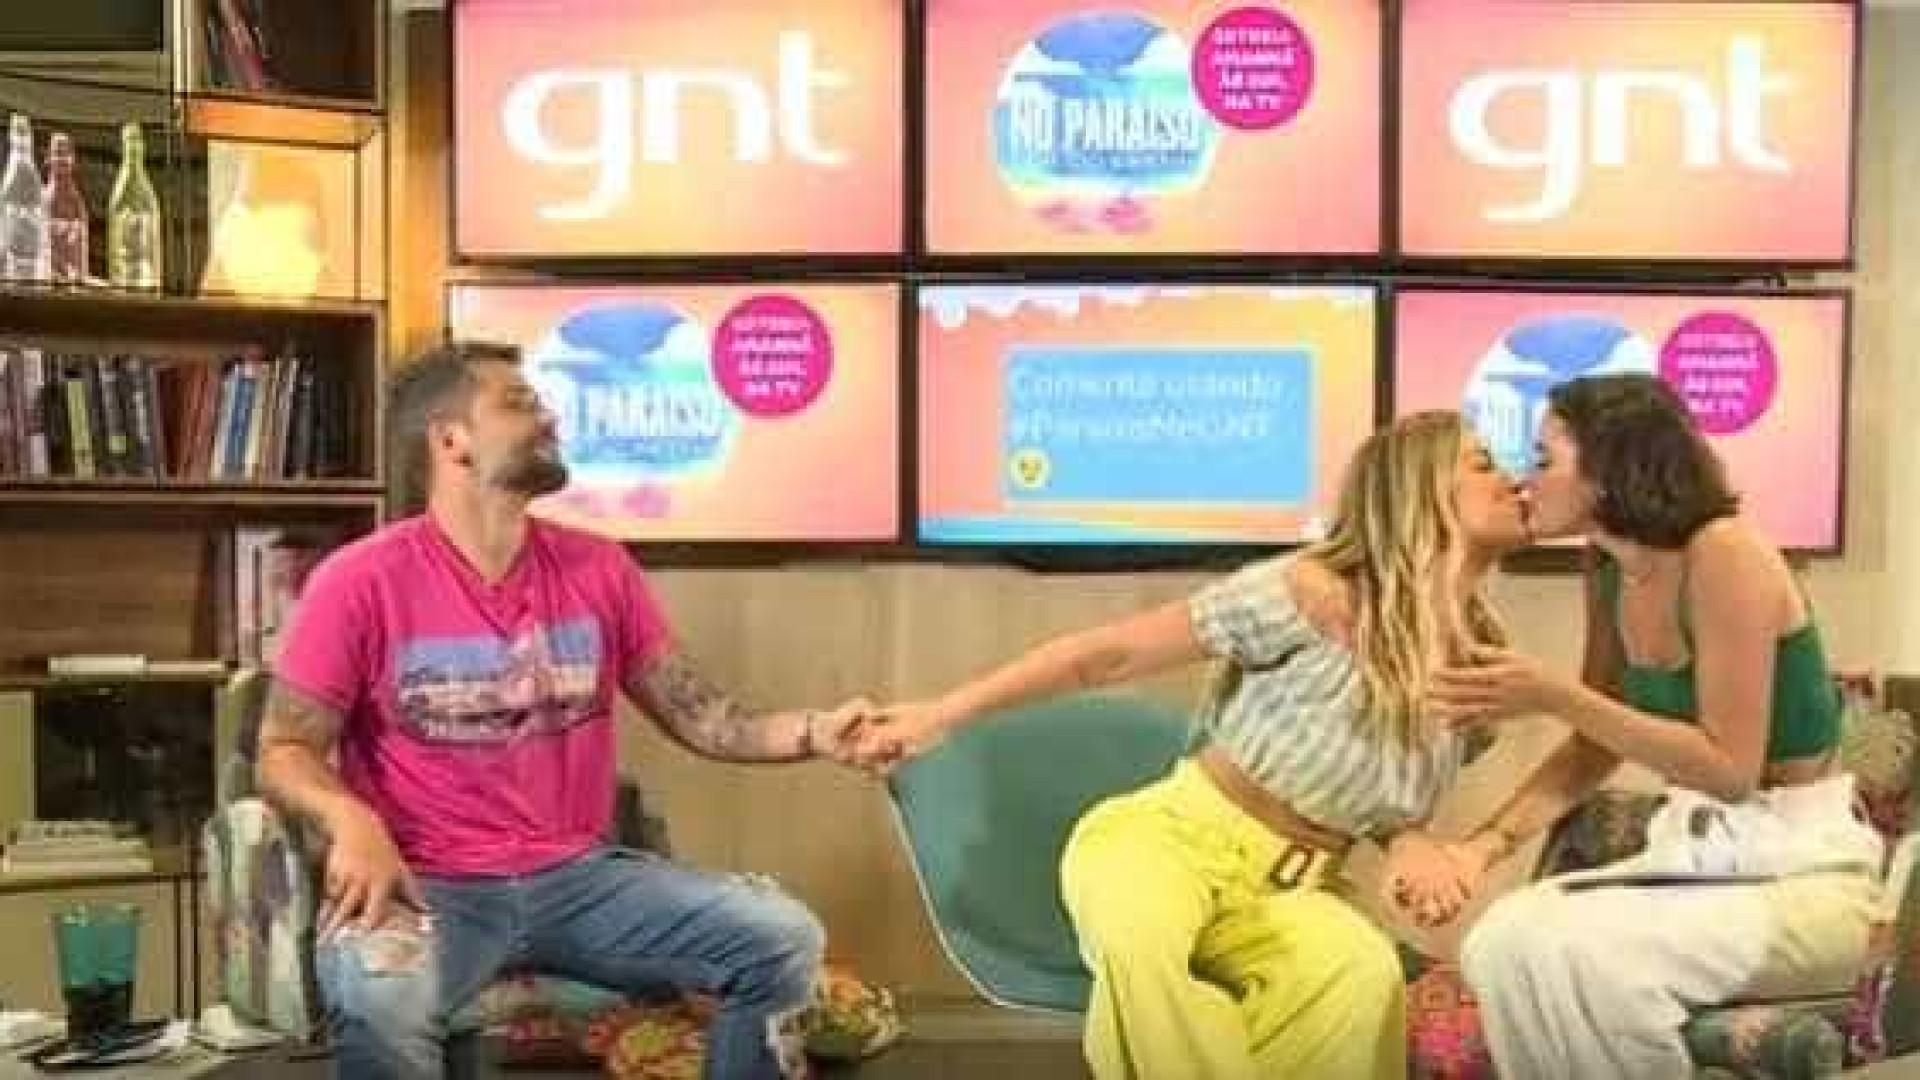 Ewbank e Marquezine dão selinho em live e zoam Gagliasso: 'Tiozão'